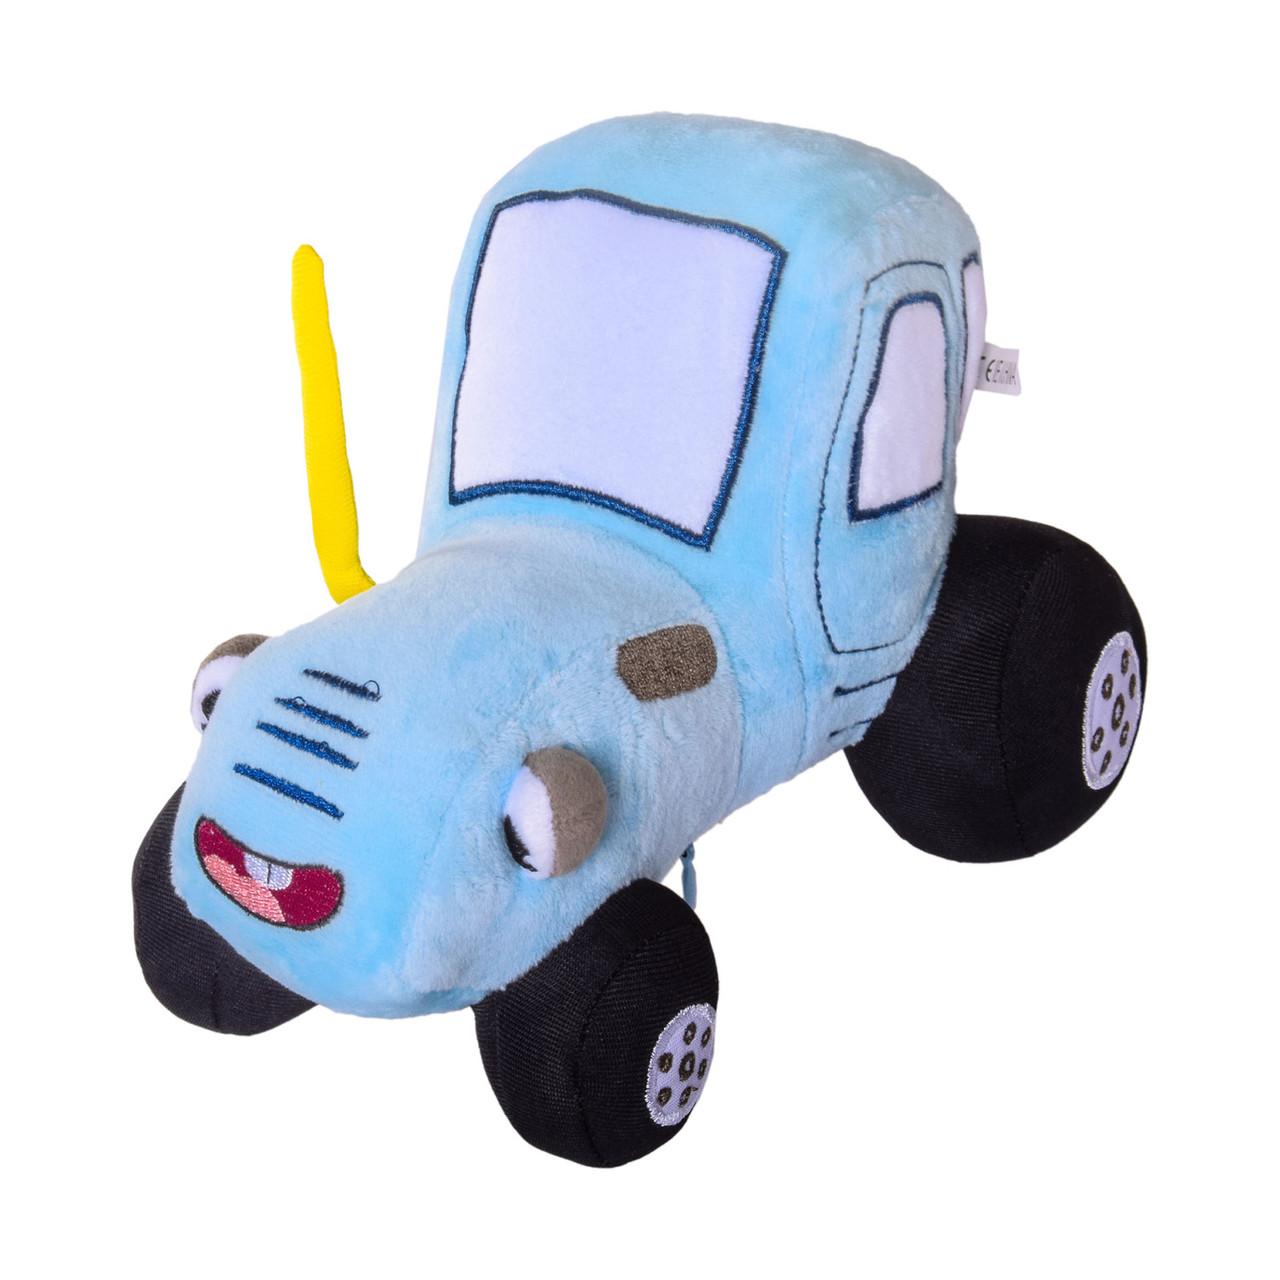 Мягкая игрушка BT1020R (40шт)Трактор, музыкальный русс.яз, р-р игрушки – 20 см, в пакете